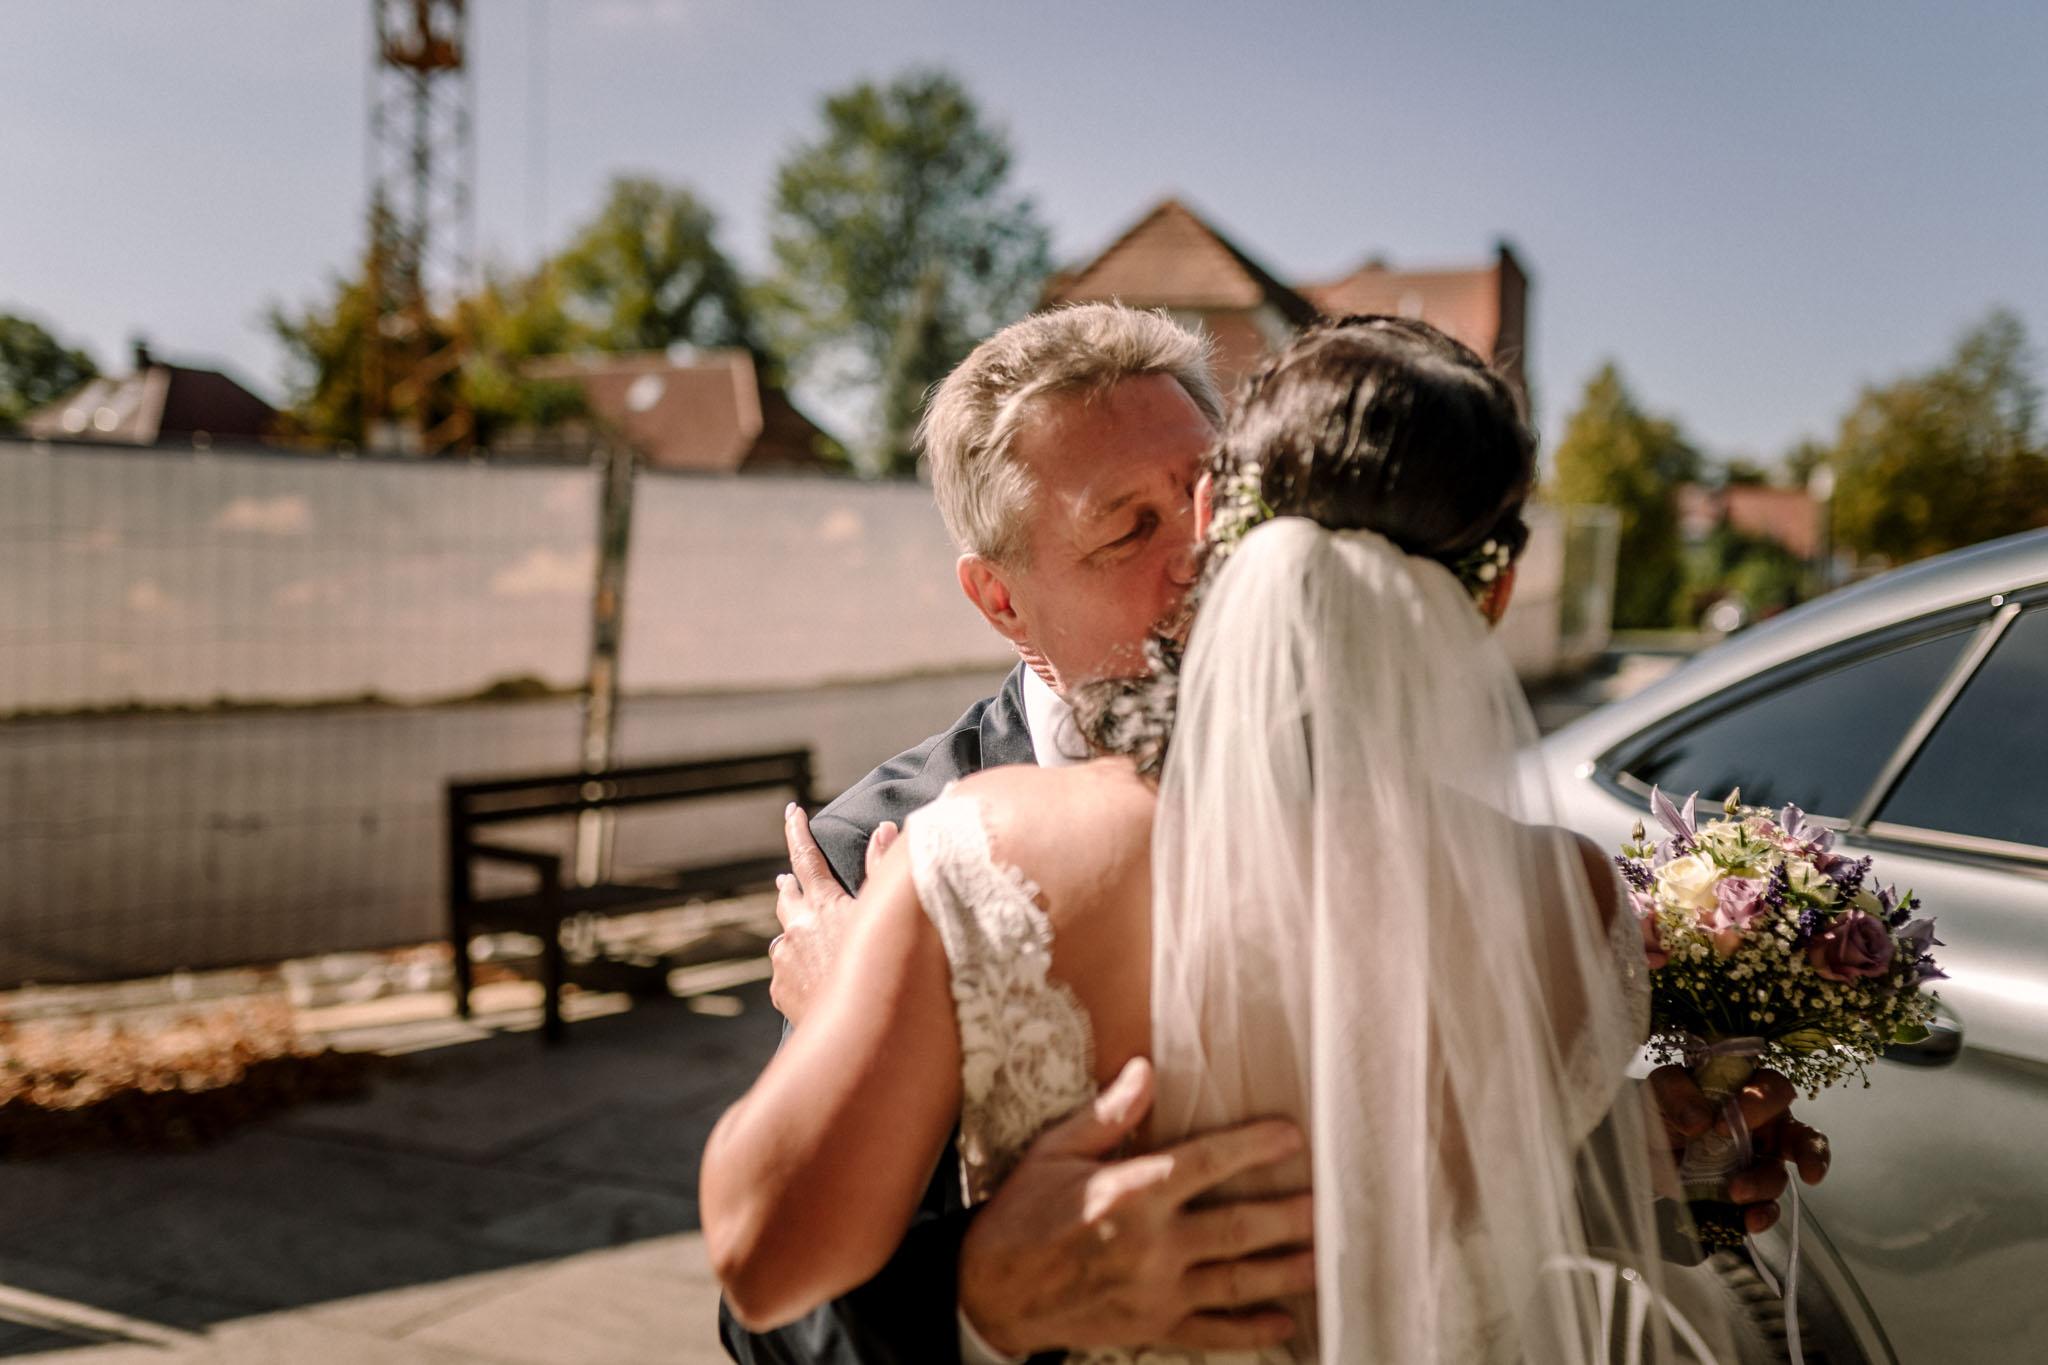 Hochzeitsfieber by Photo-Schomburg, Hochzeitsfotograf, Hamburg,Hochzeitstag, Hochzeitspaar, Braut, Bräutigam, Literaturhauscafe Zarrentin-15